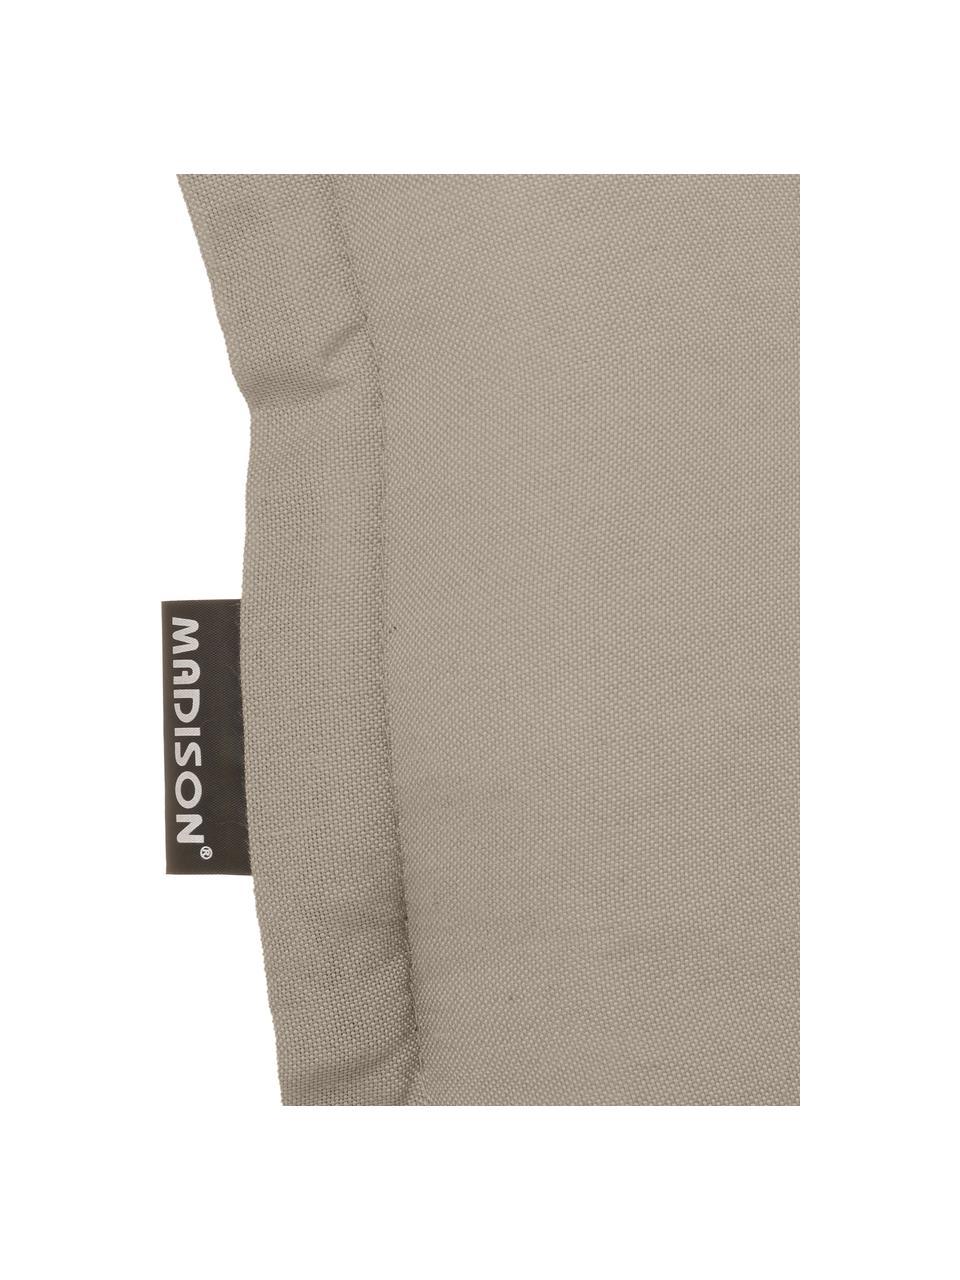 Einfarbige Hochlehner-Stuhlauflage Panama in Sandfarben, Bezug: 50% Baumwolle, 50%Polyes, Sandfarben, 50 x 123 cm